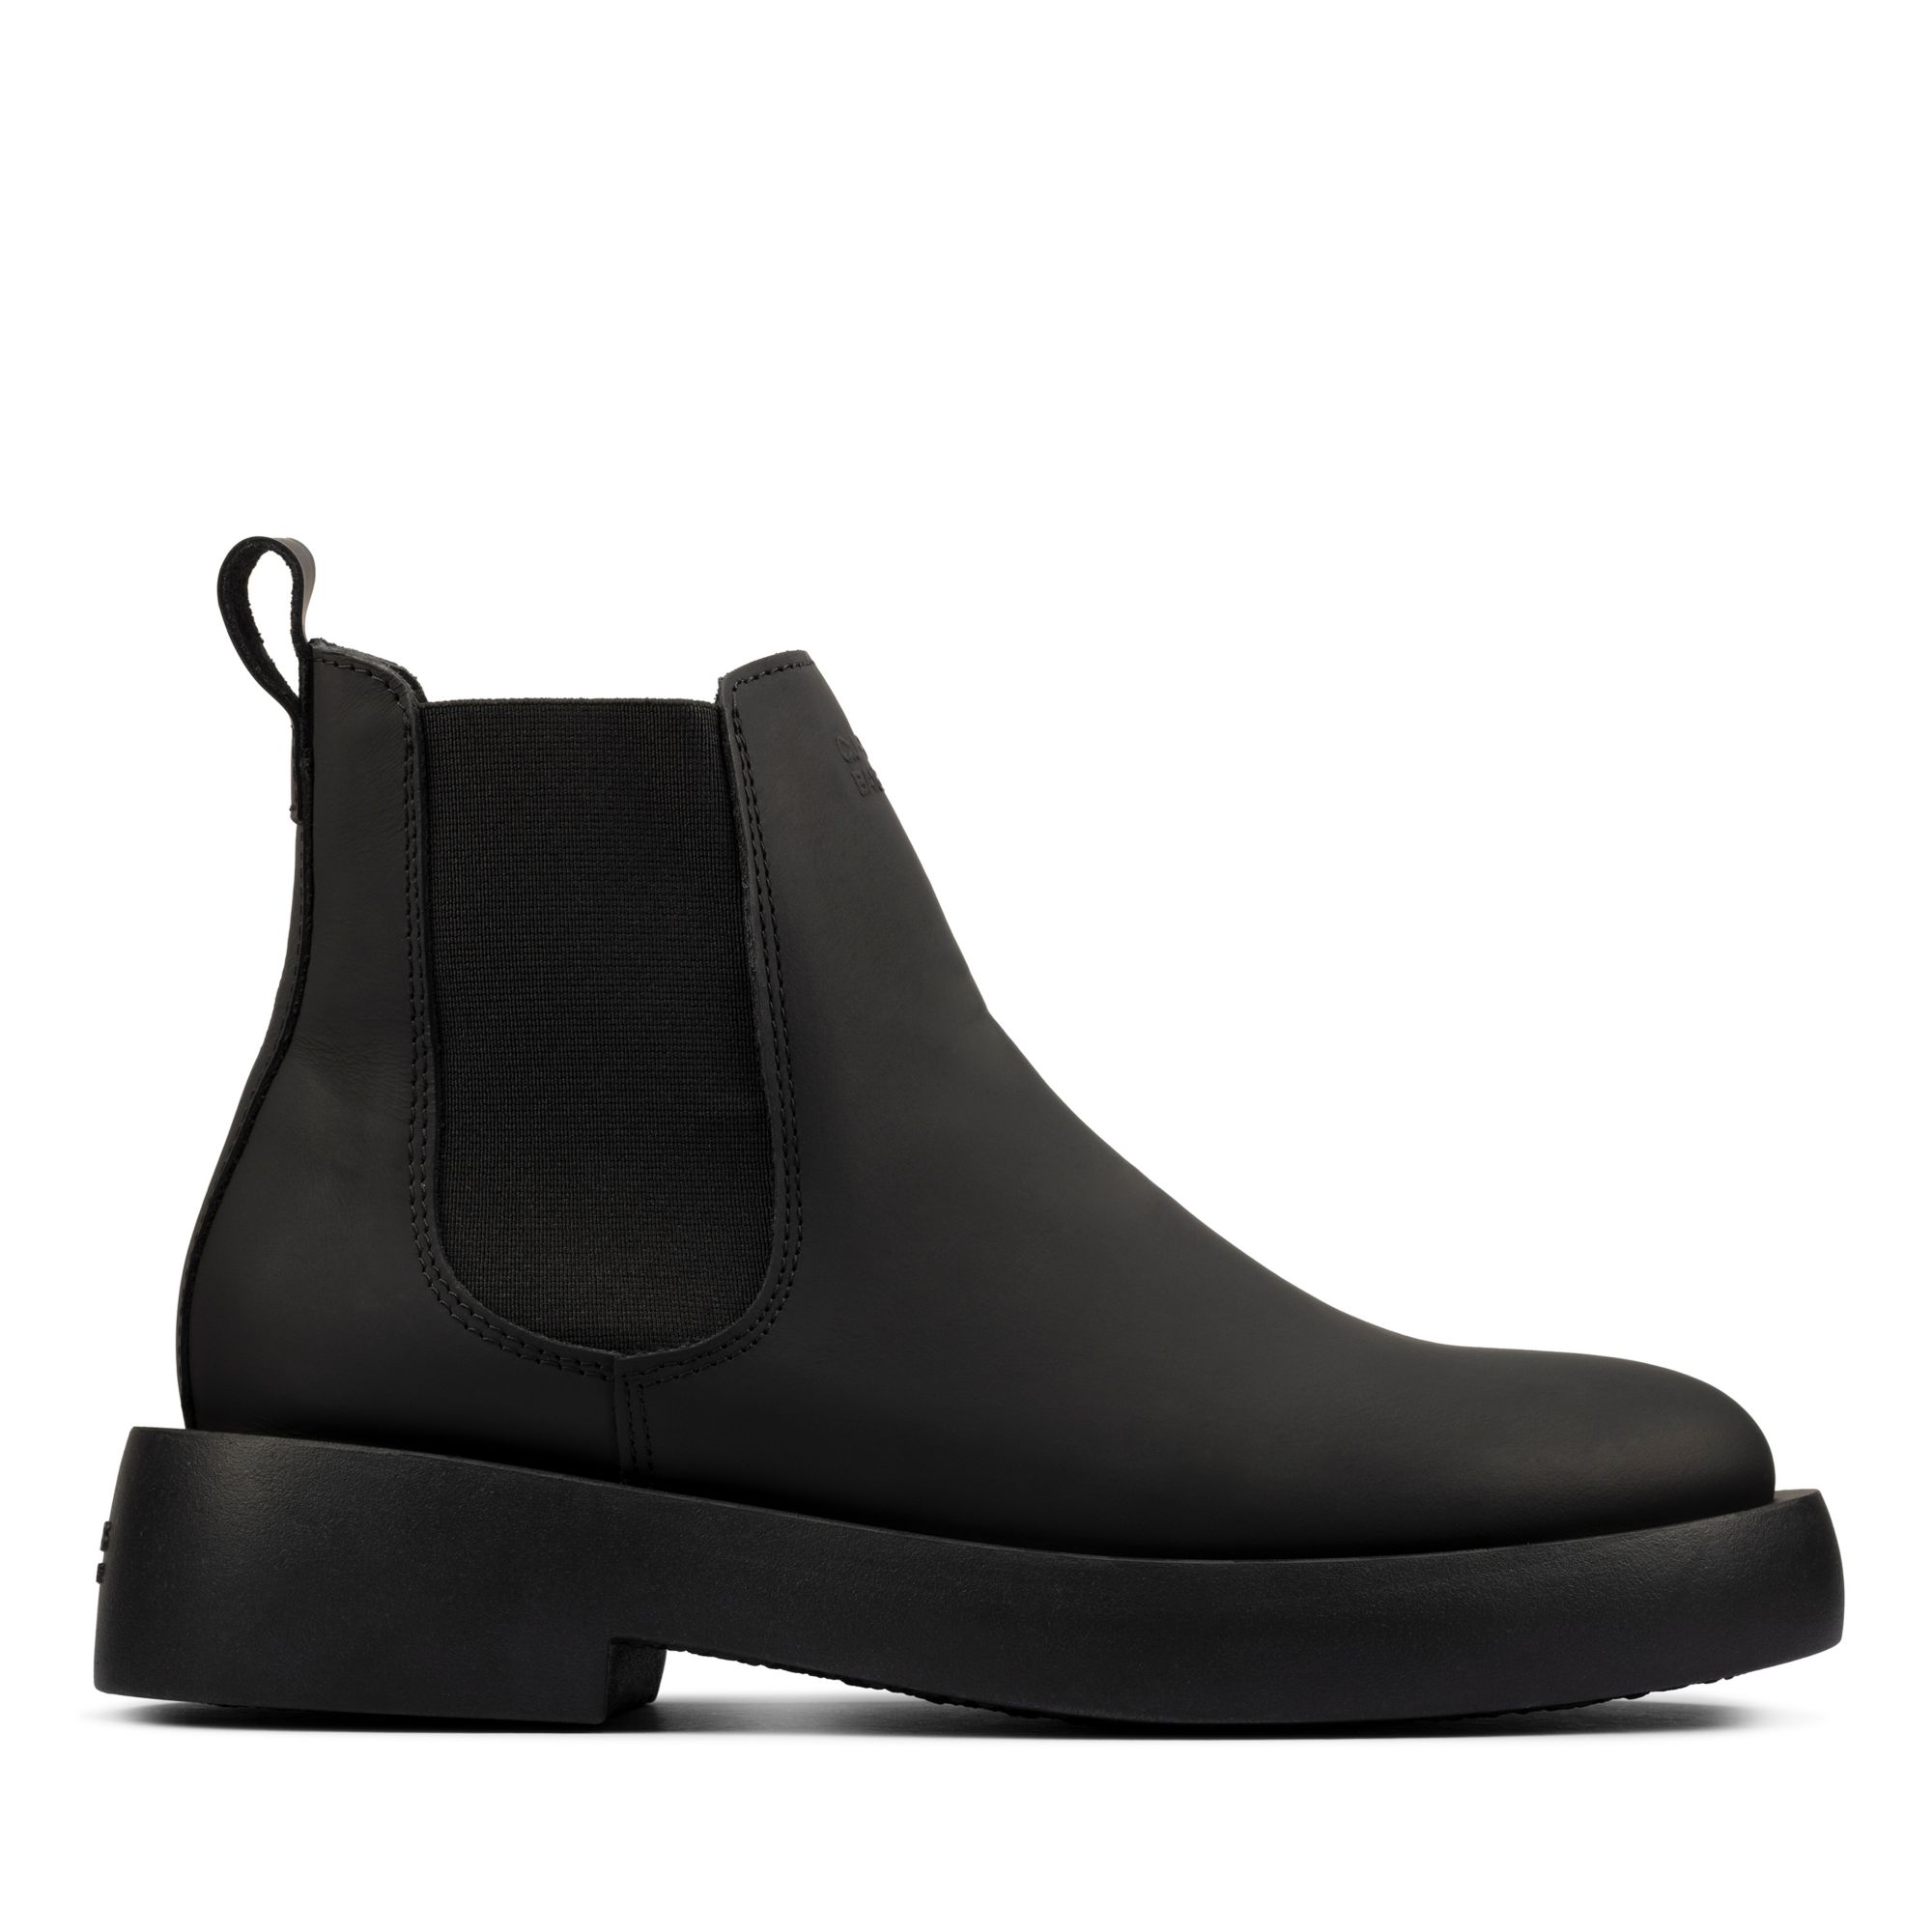 Clarks Mileno Chelsea – Leather